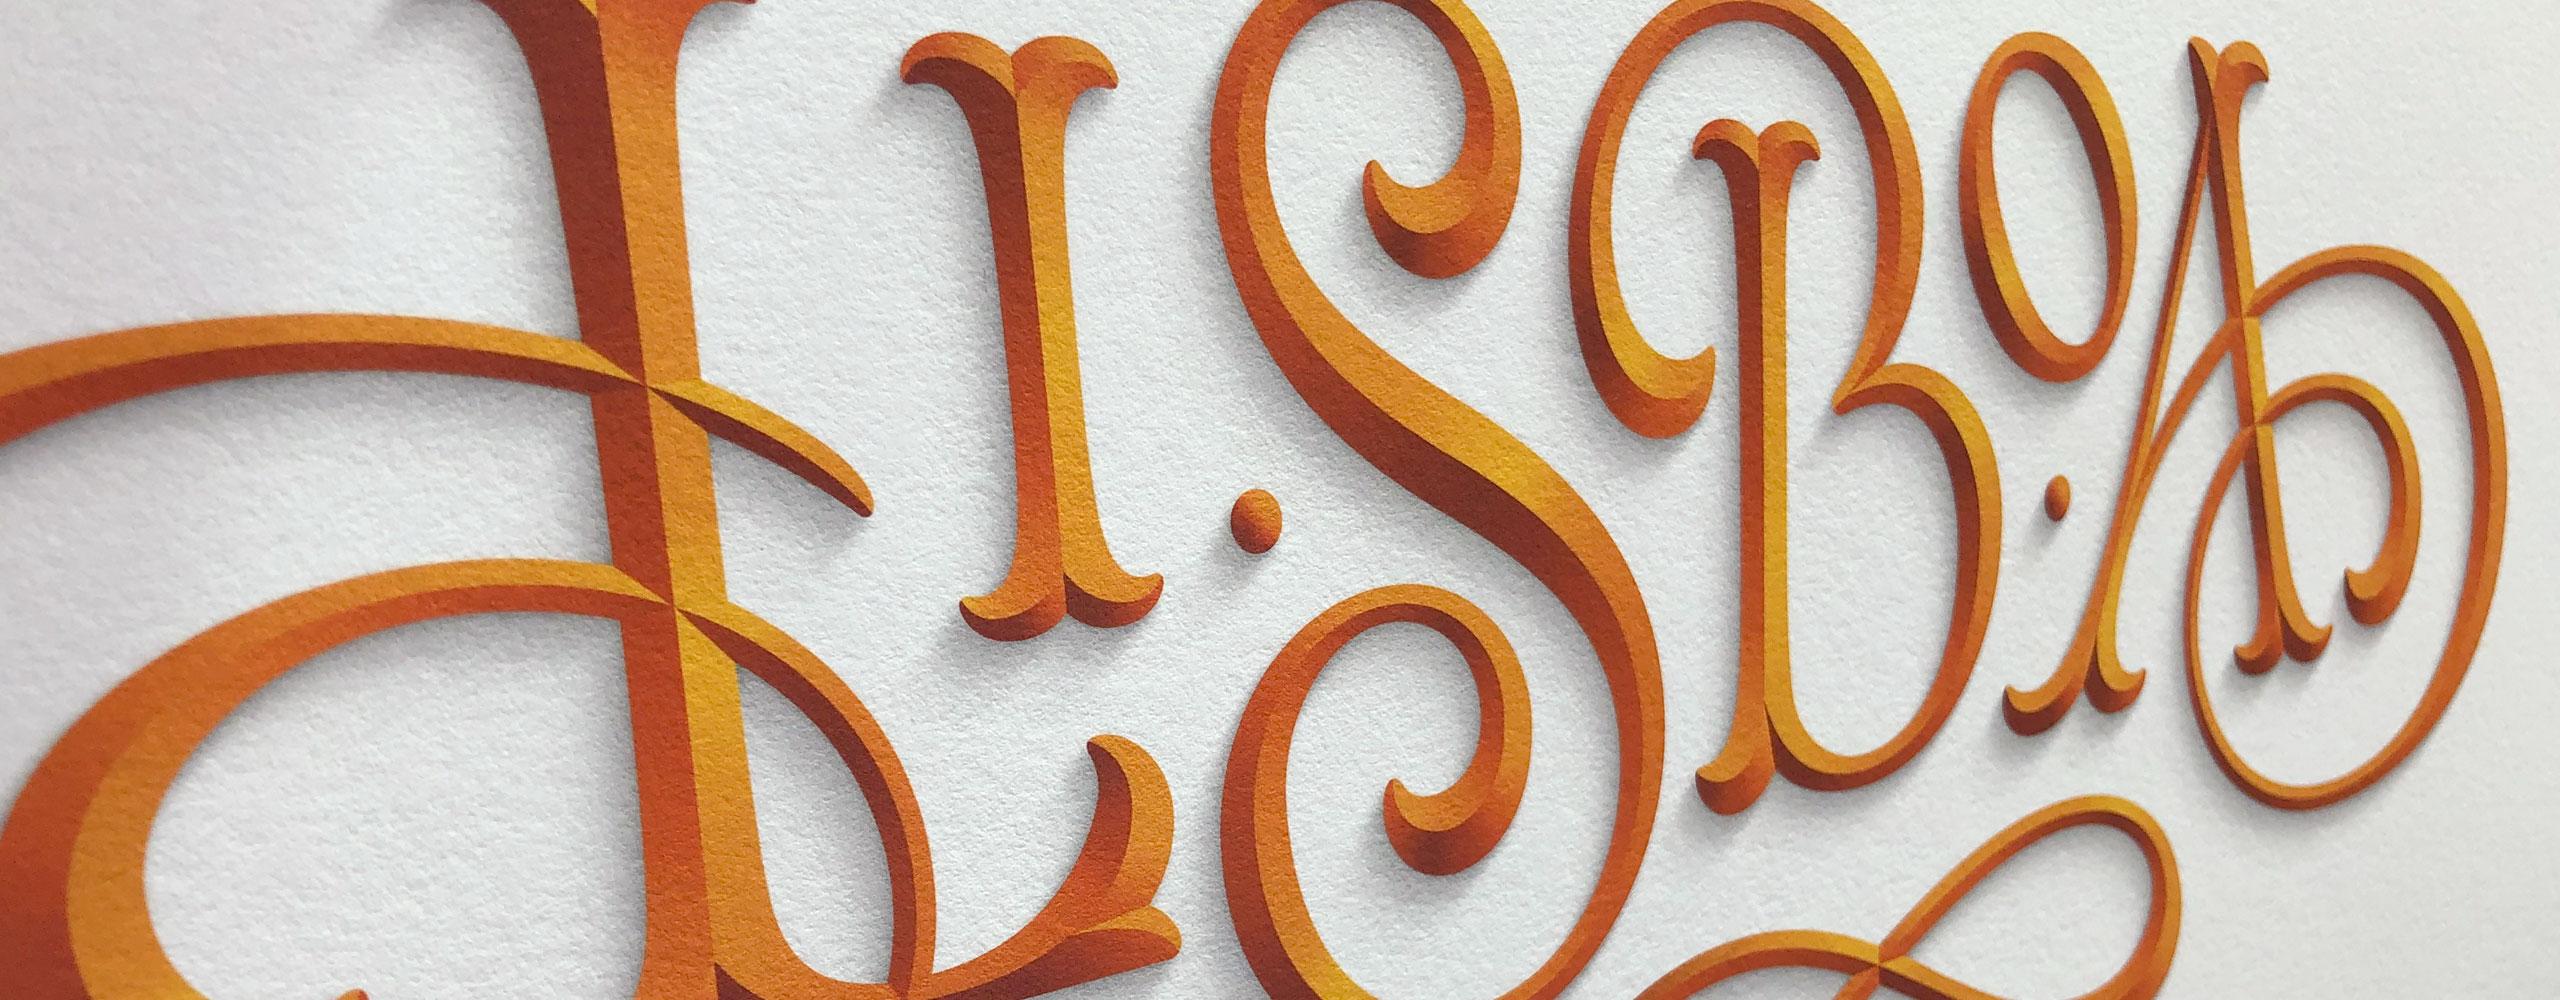 Lisboa lettering print by Dan Forster